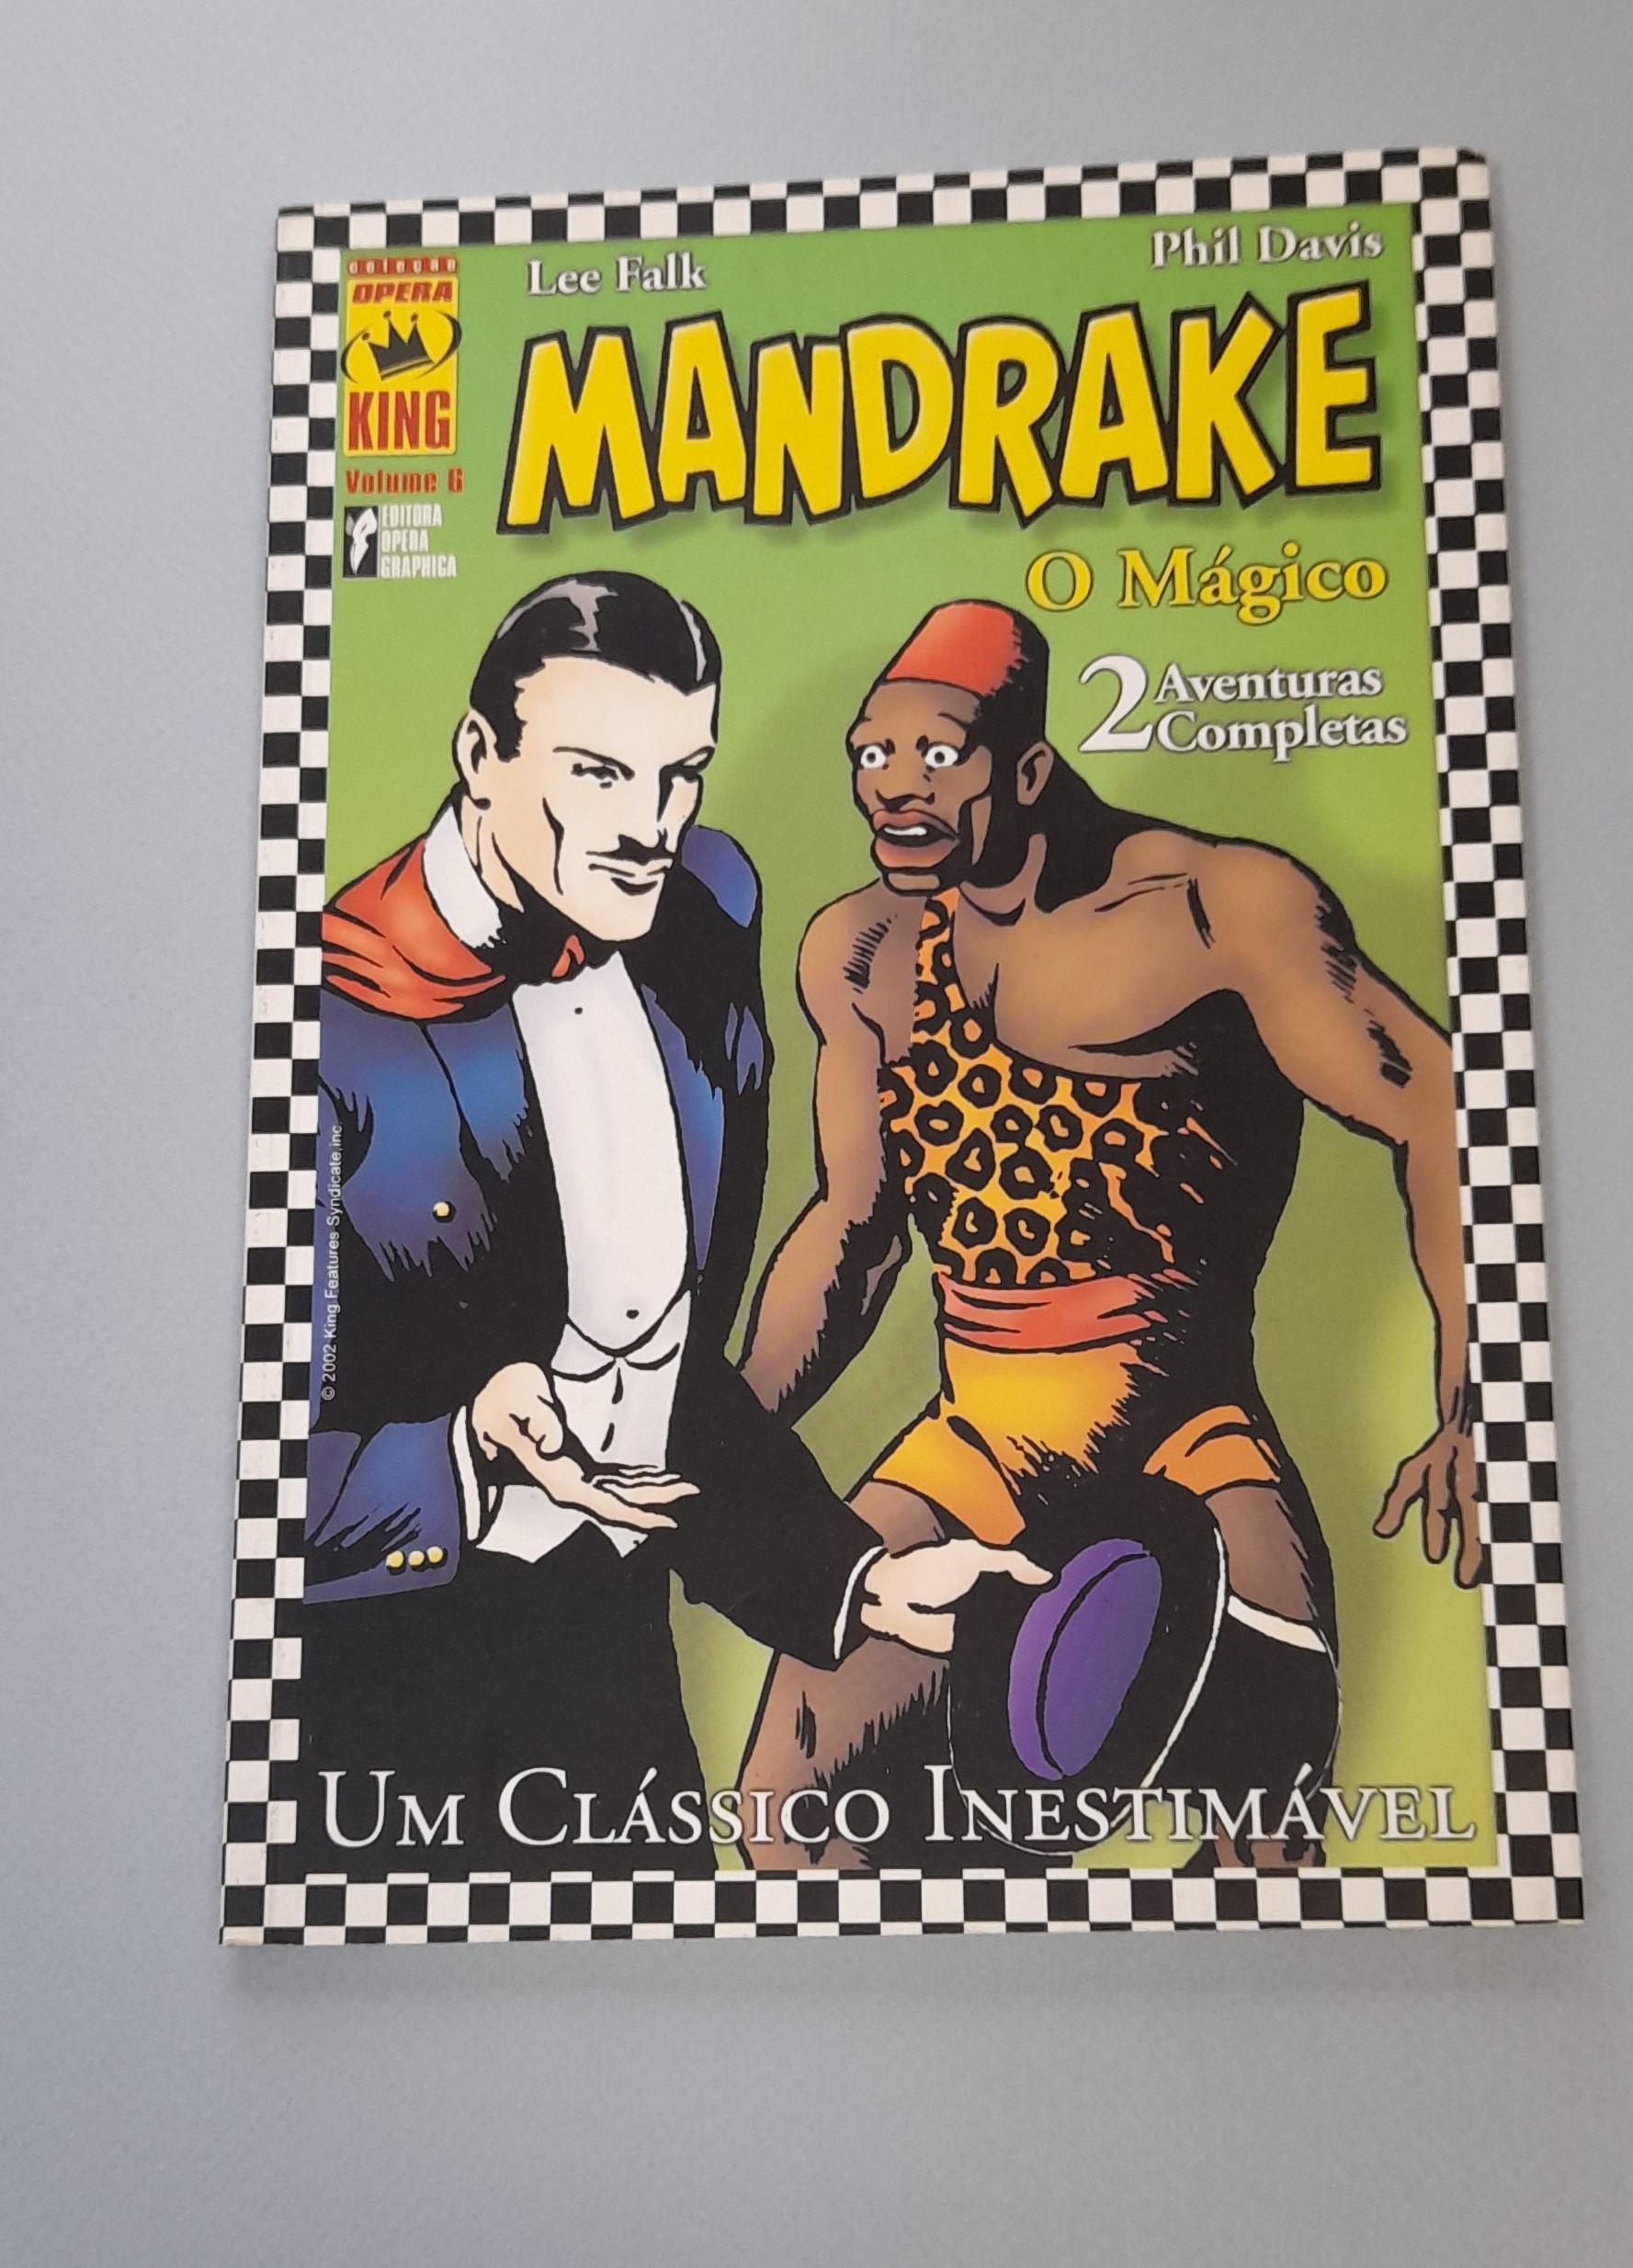 Colecção Ópera King – Mandrake